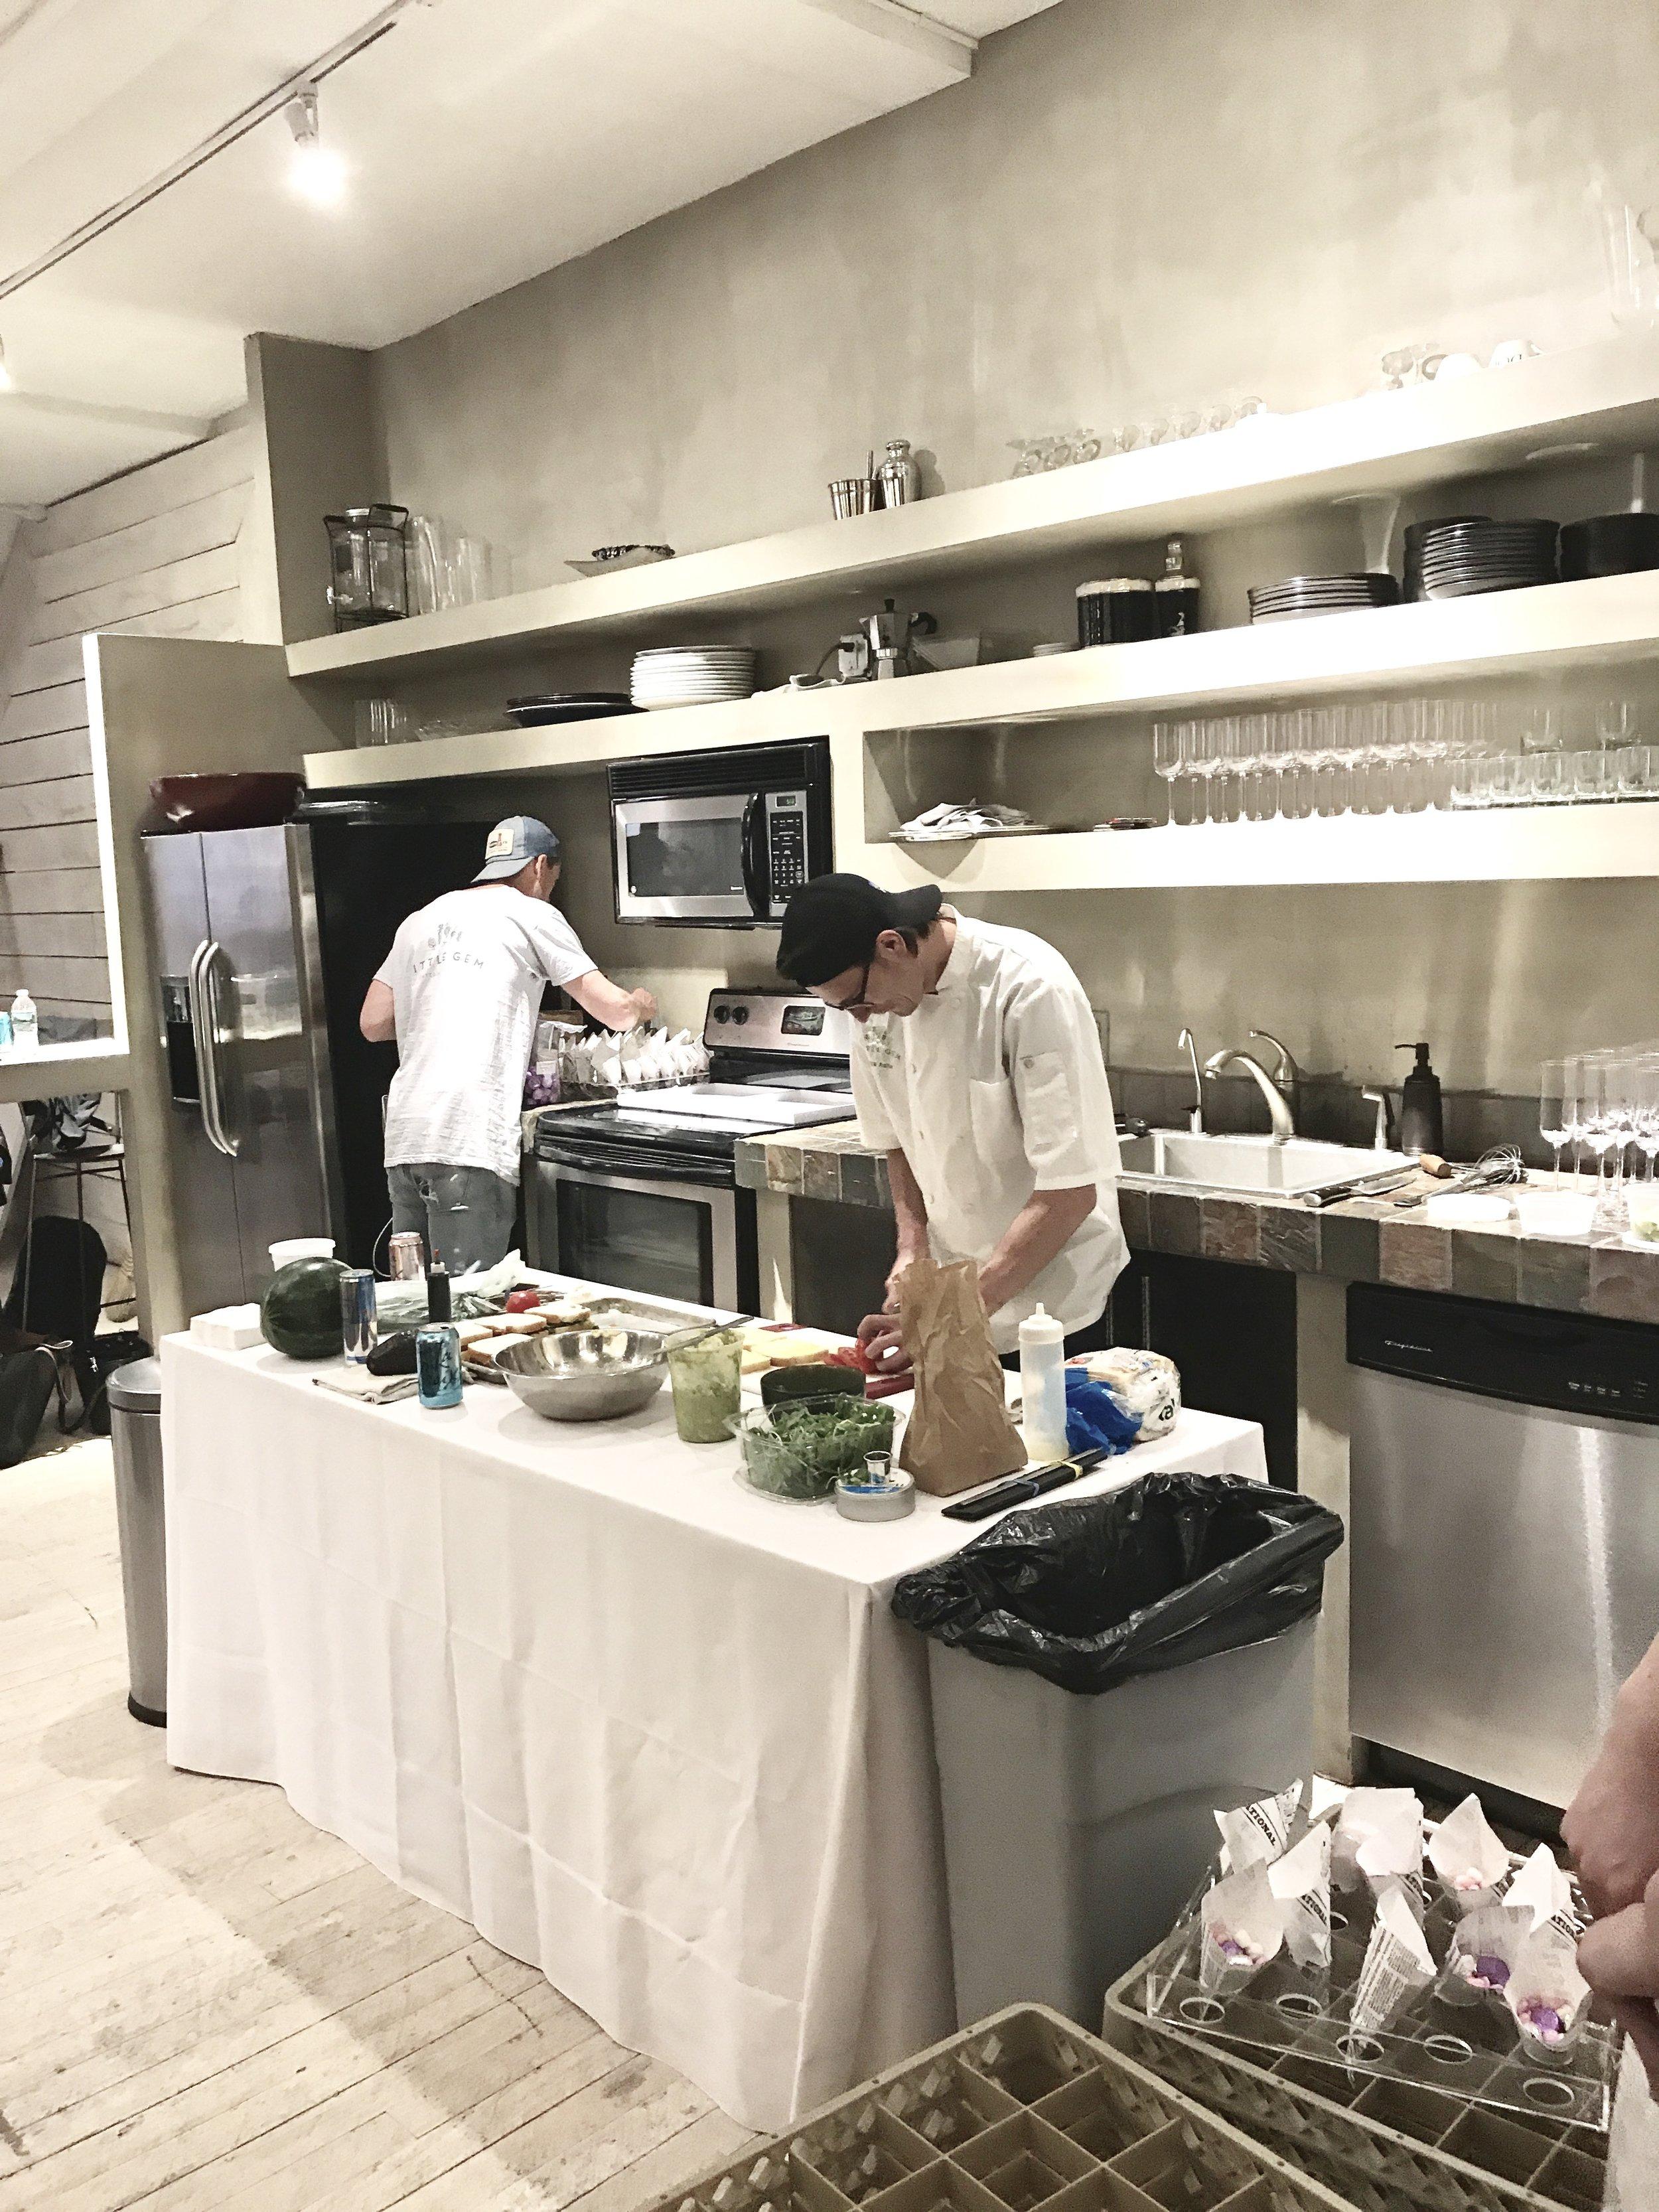 Kitchenette at work